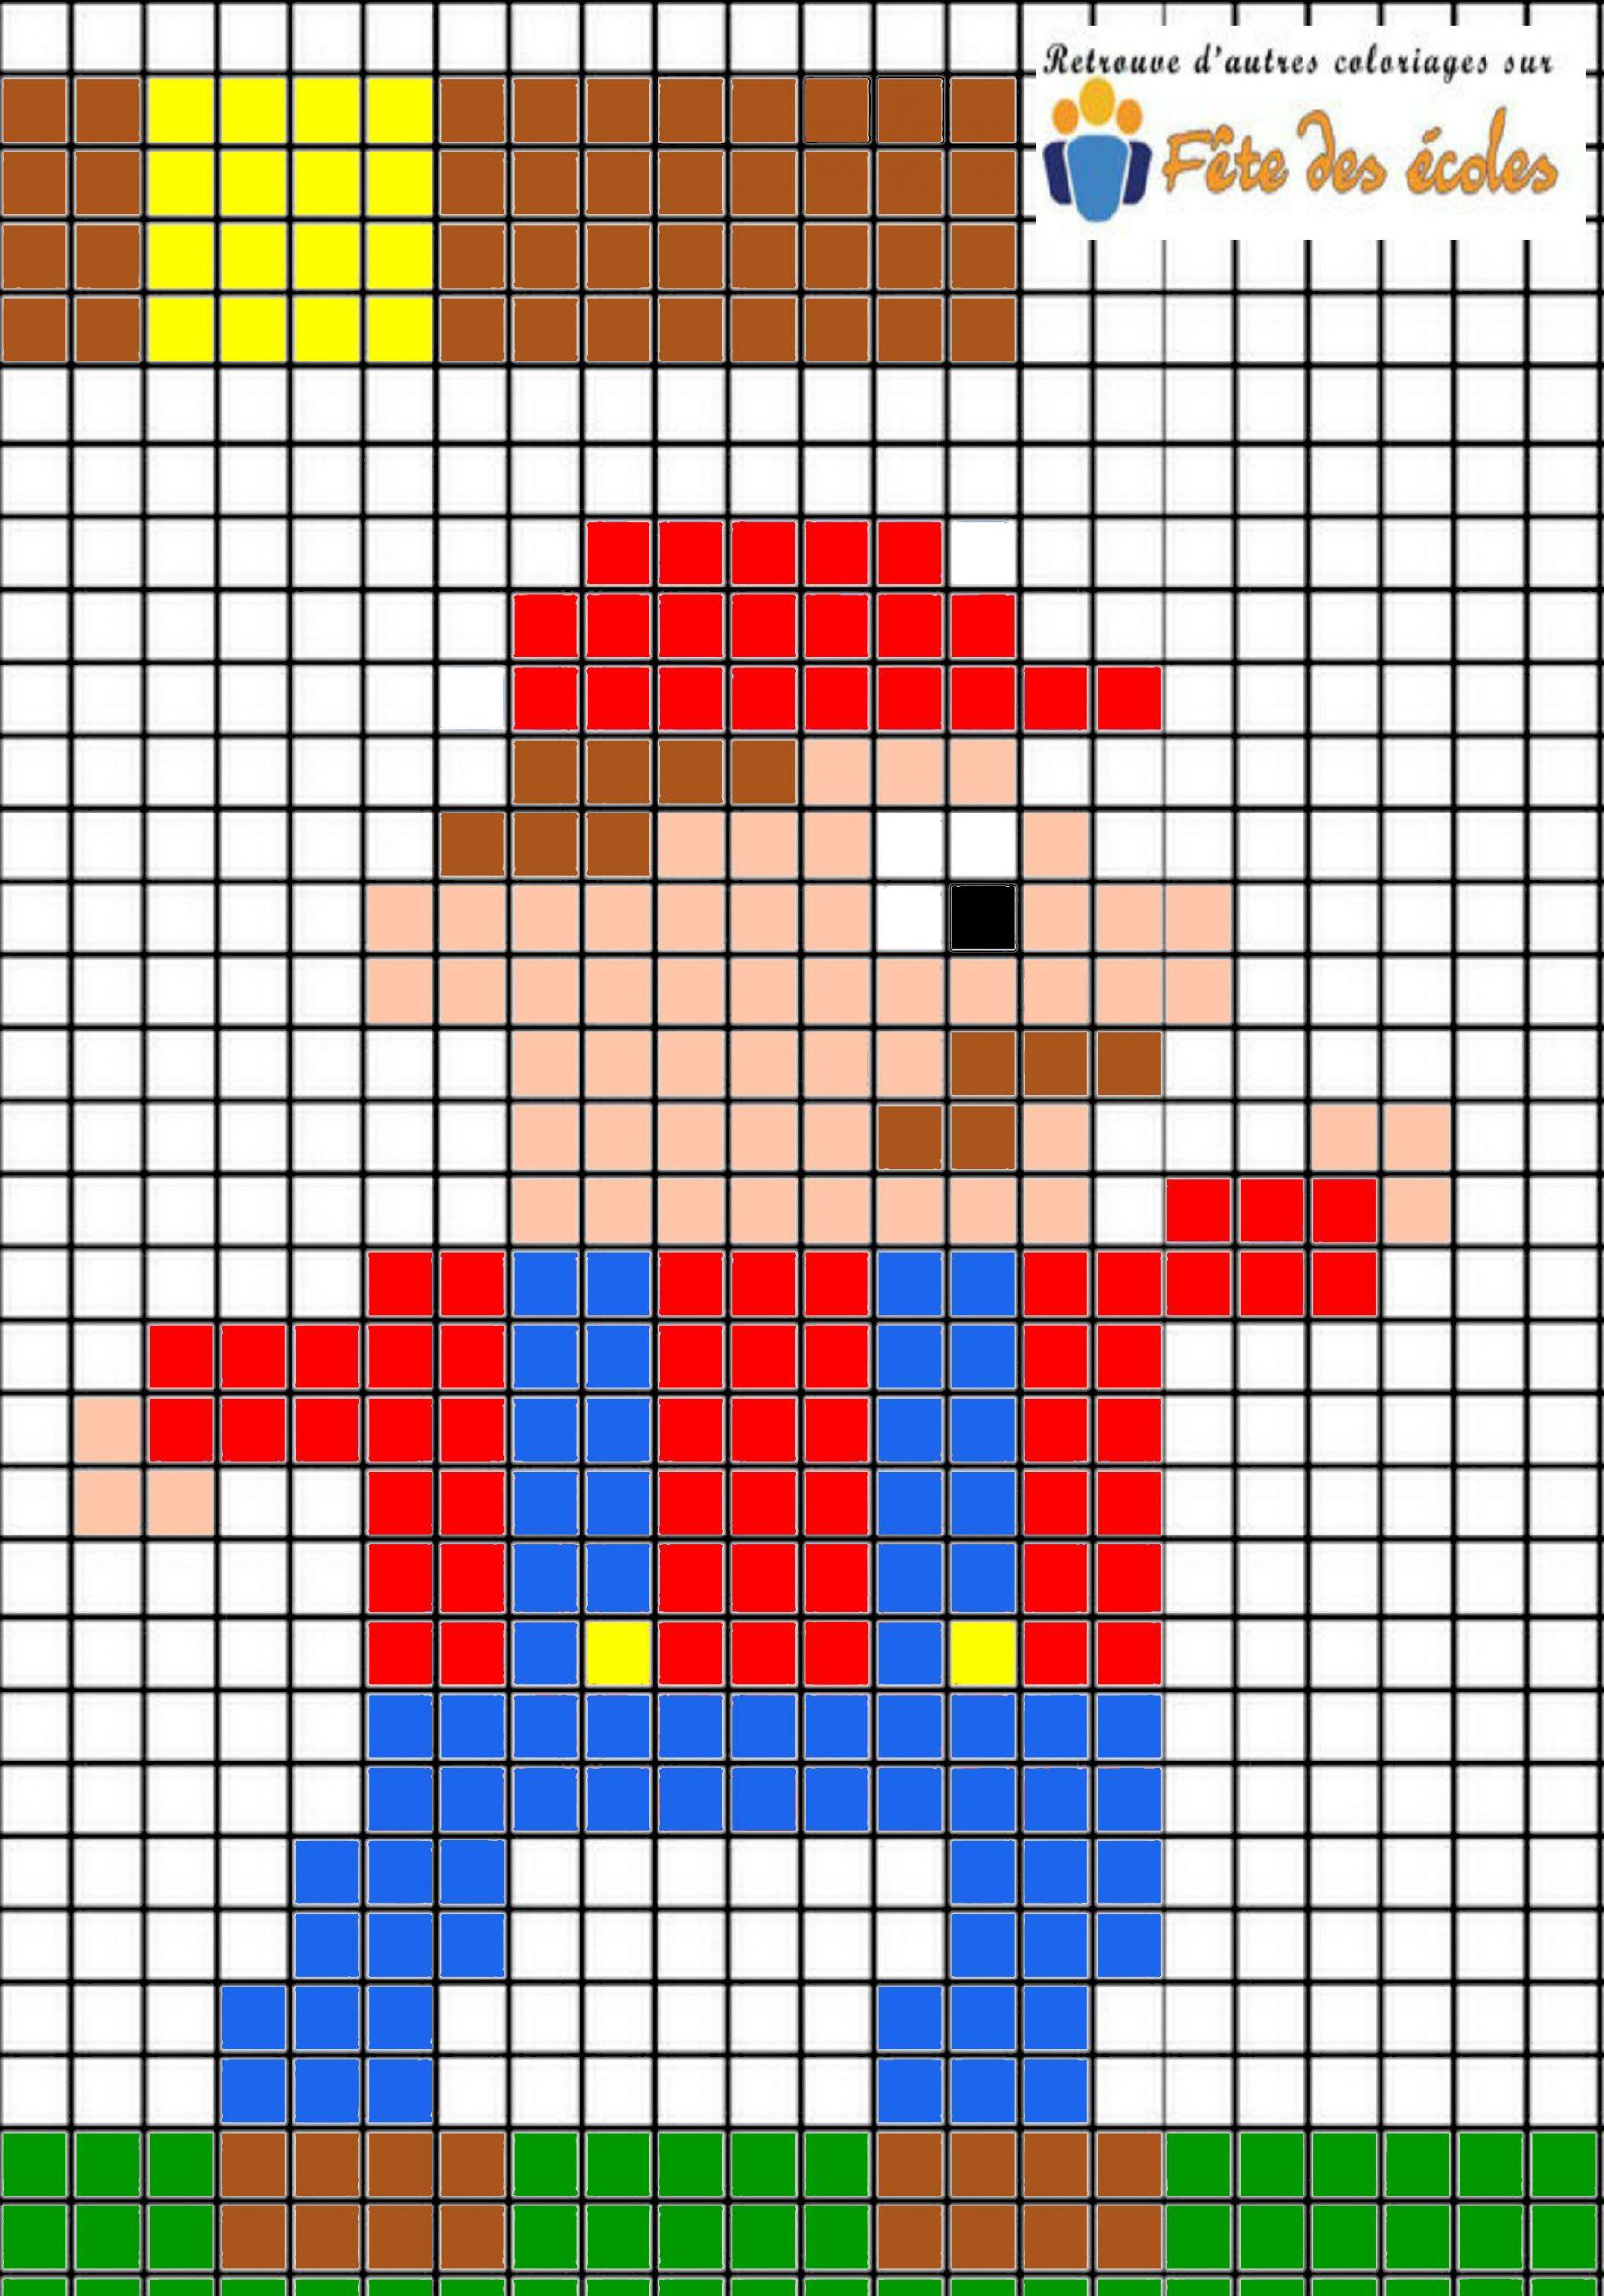 Pixel Personnage De Jeu Vidéo à Jeu De Coloriage Pixel